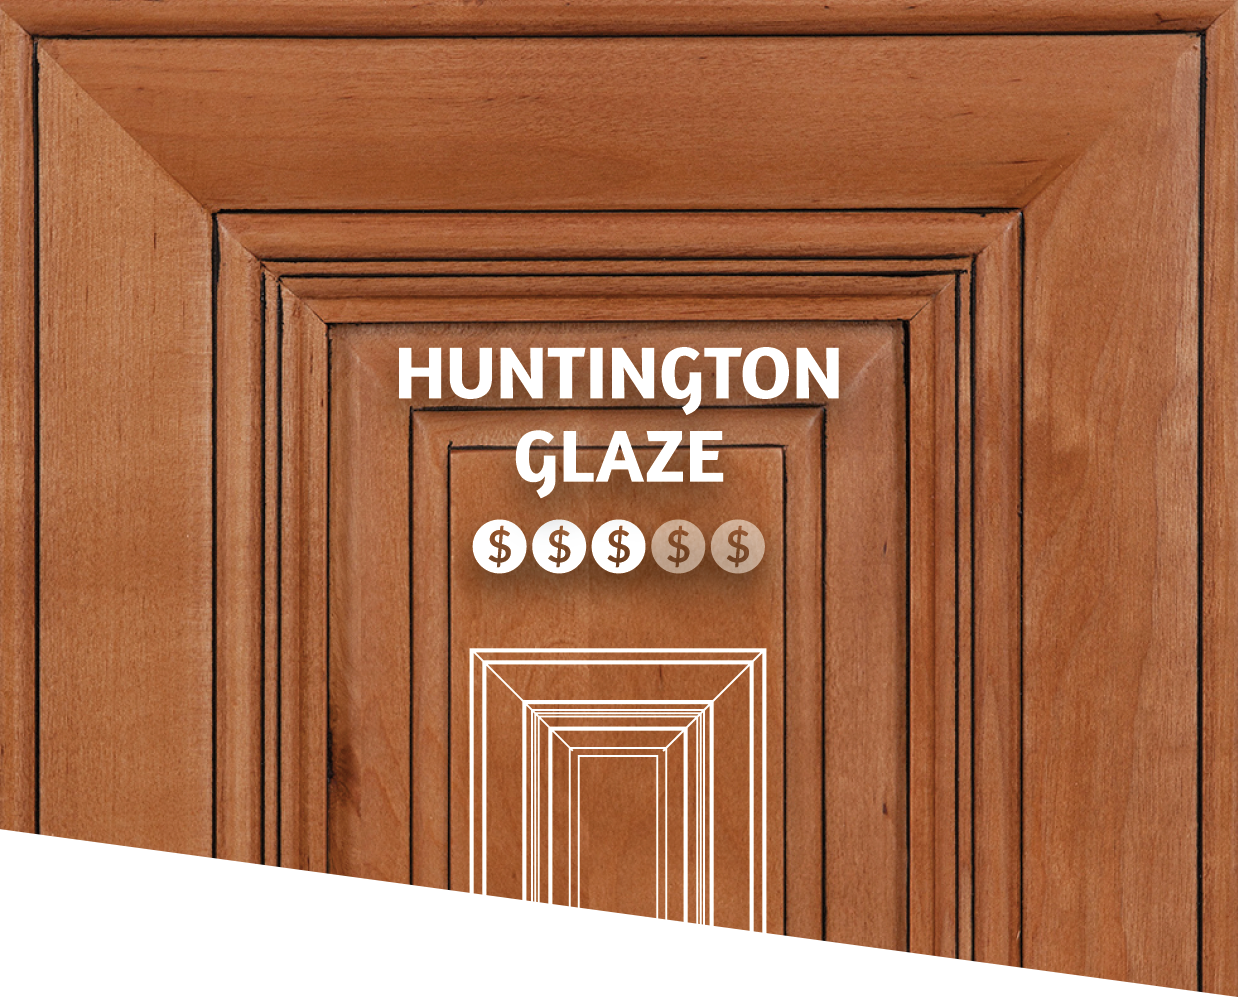 huntington-glaze-door.png